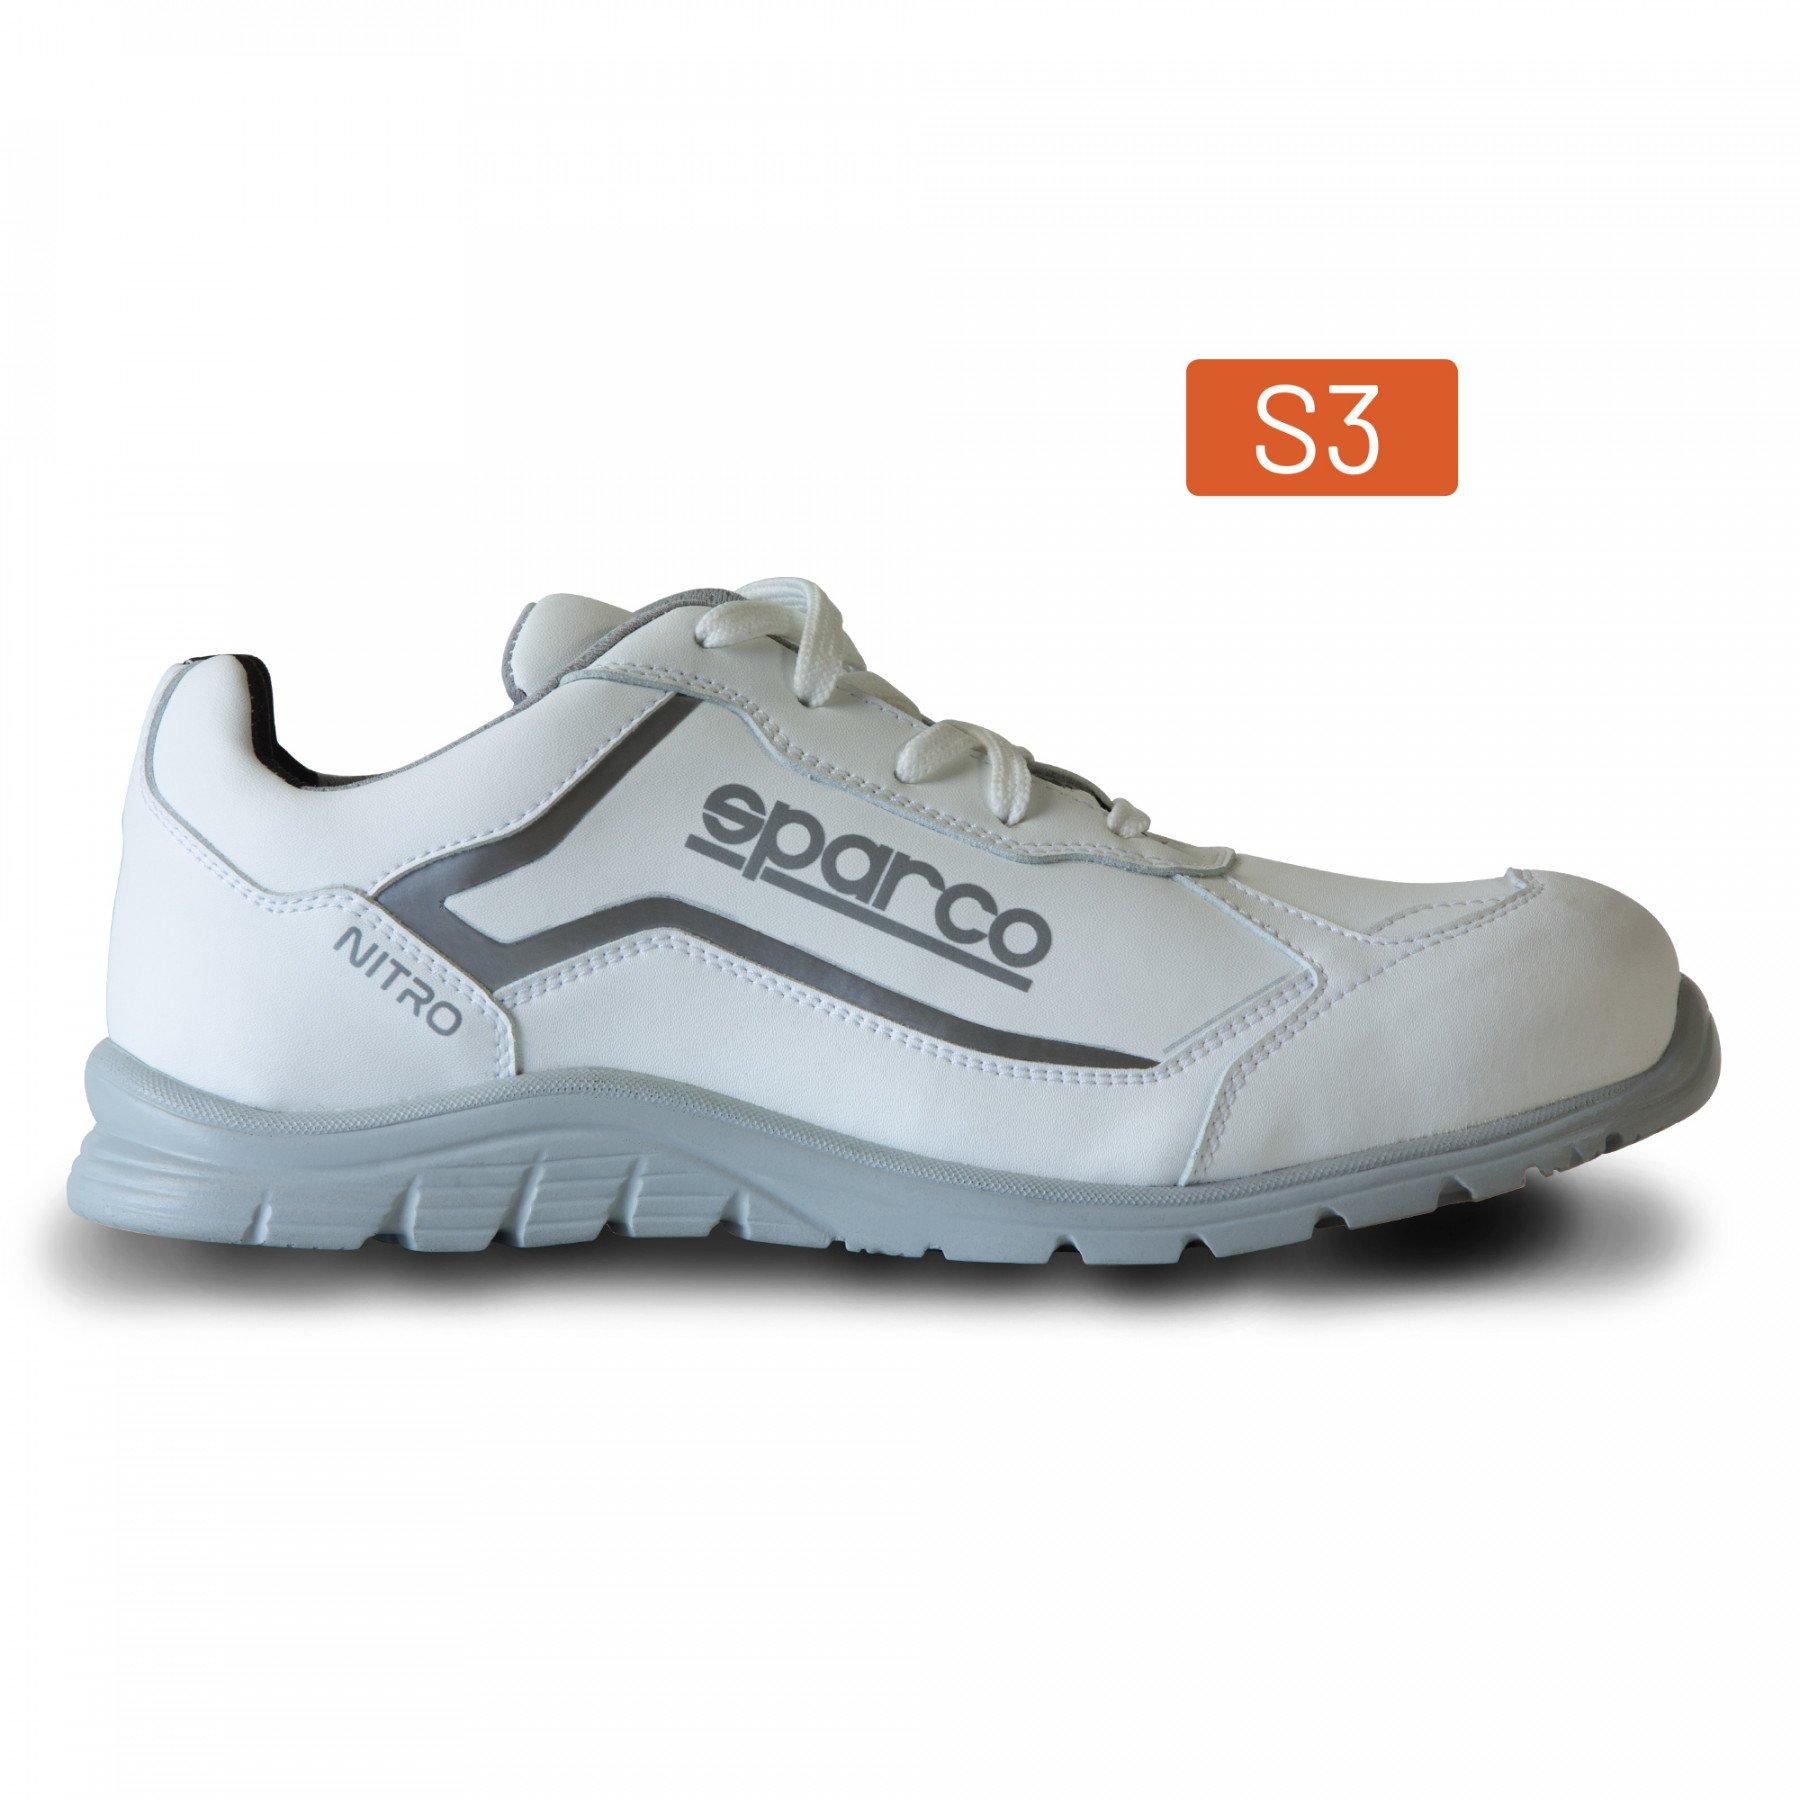 SHOES NITRO S3 WHITE/WHITE SZ